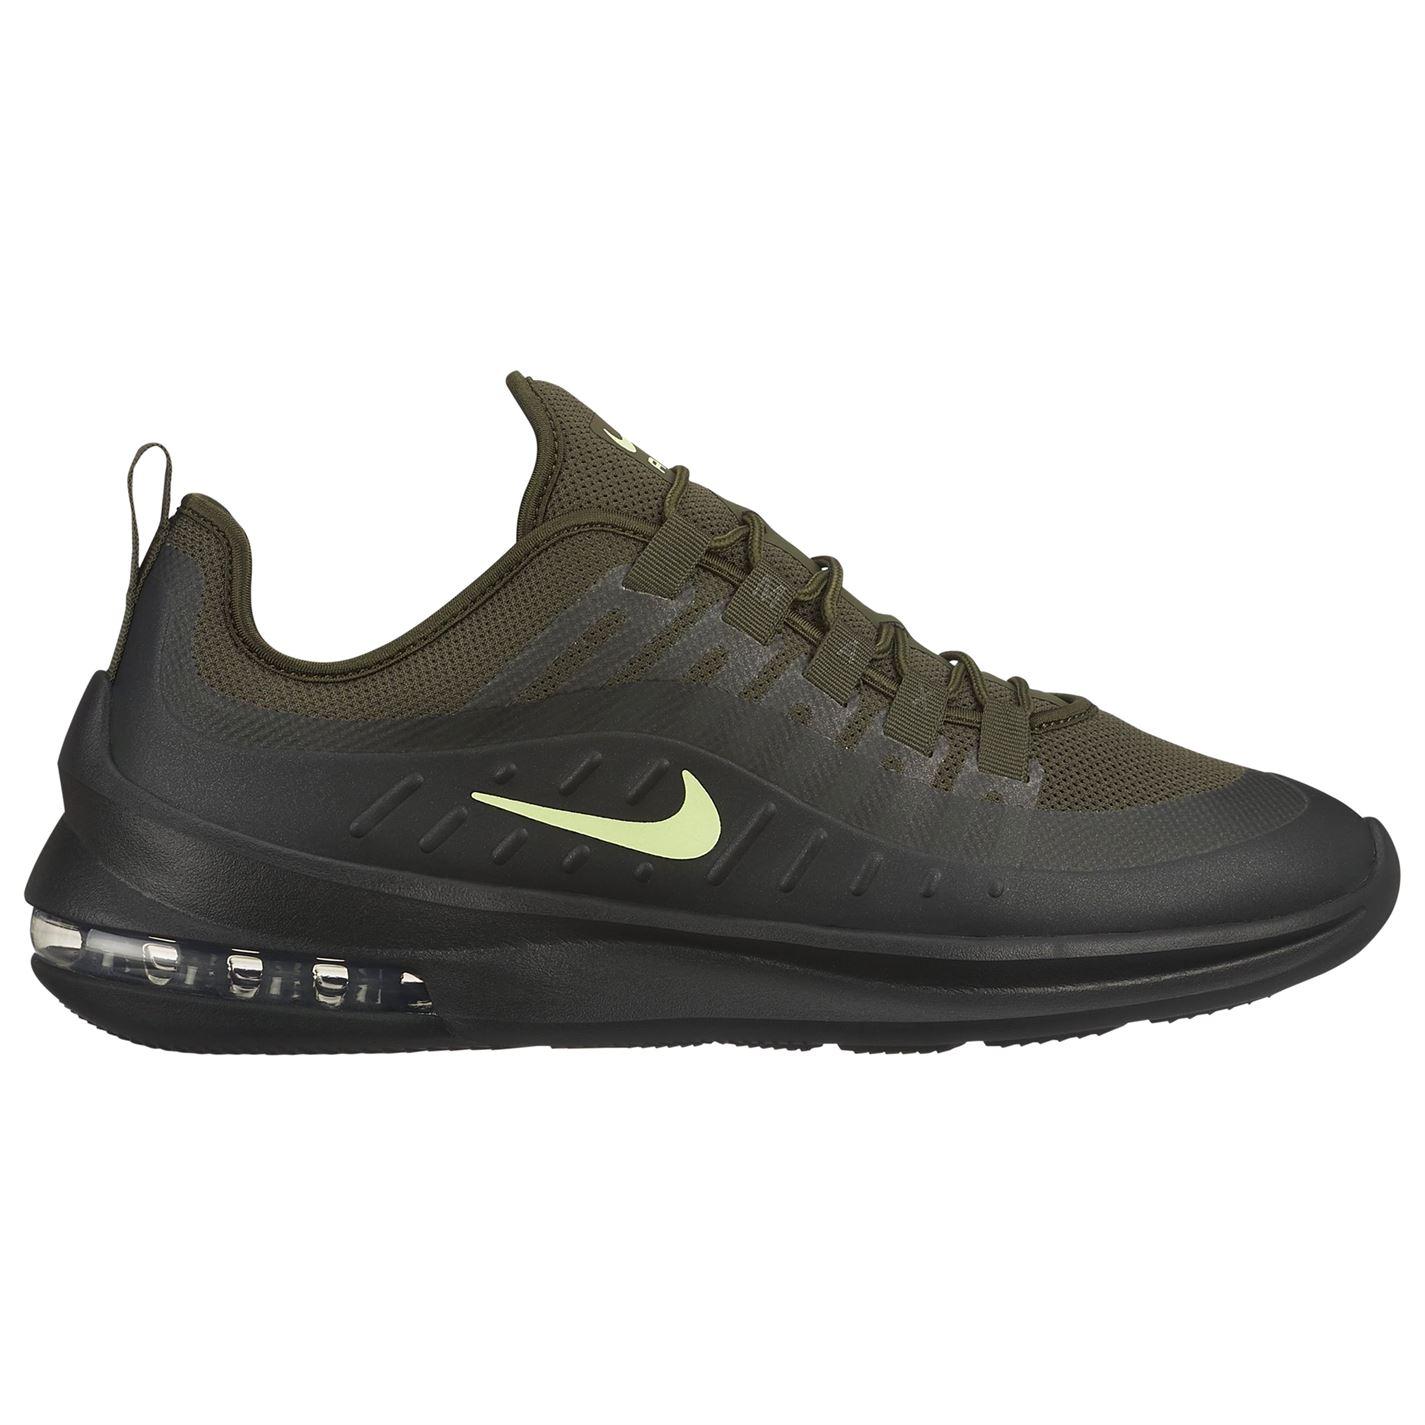 Nike Air Max Axis pánske tenisky